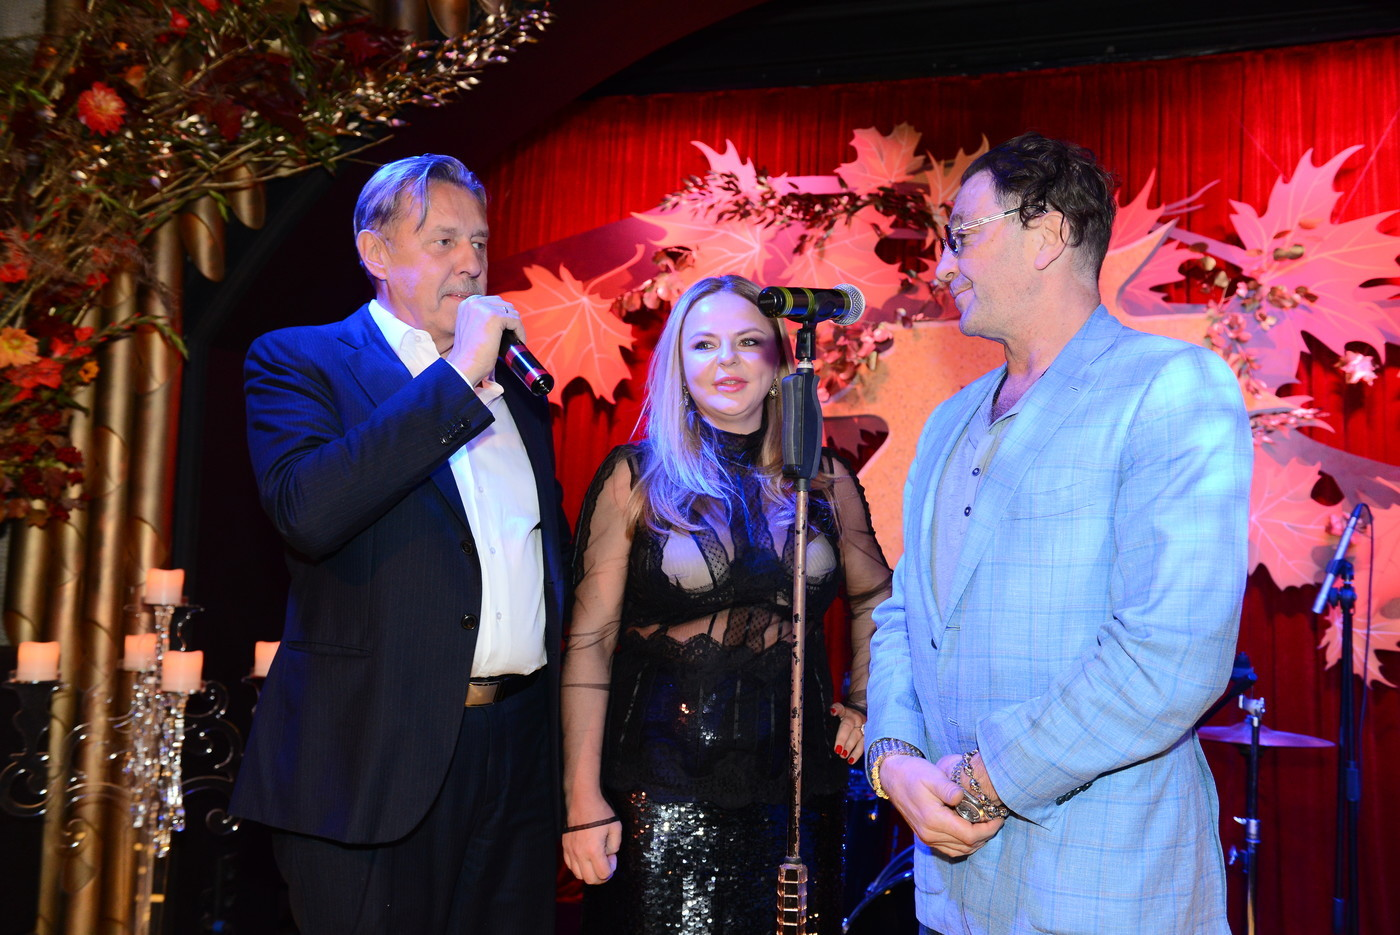 Григорий Лепс со своей бывшей командой — Александром Никитиным и Майей Сериковой. Фото: Социальные сети